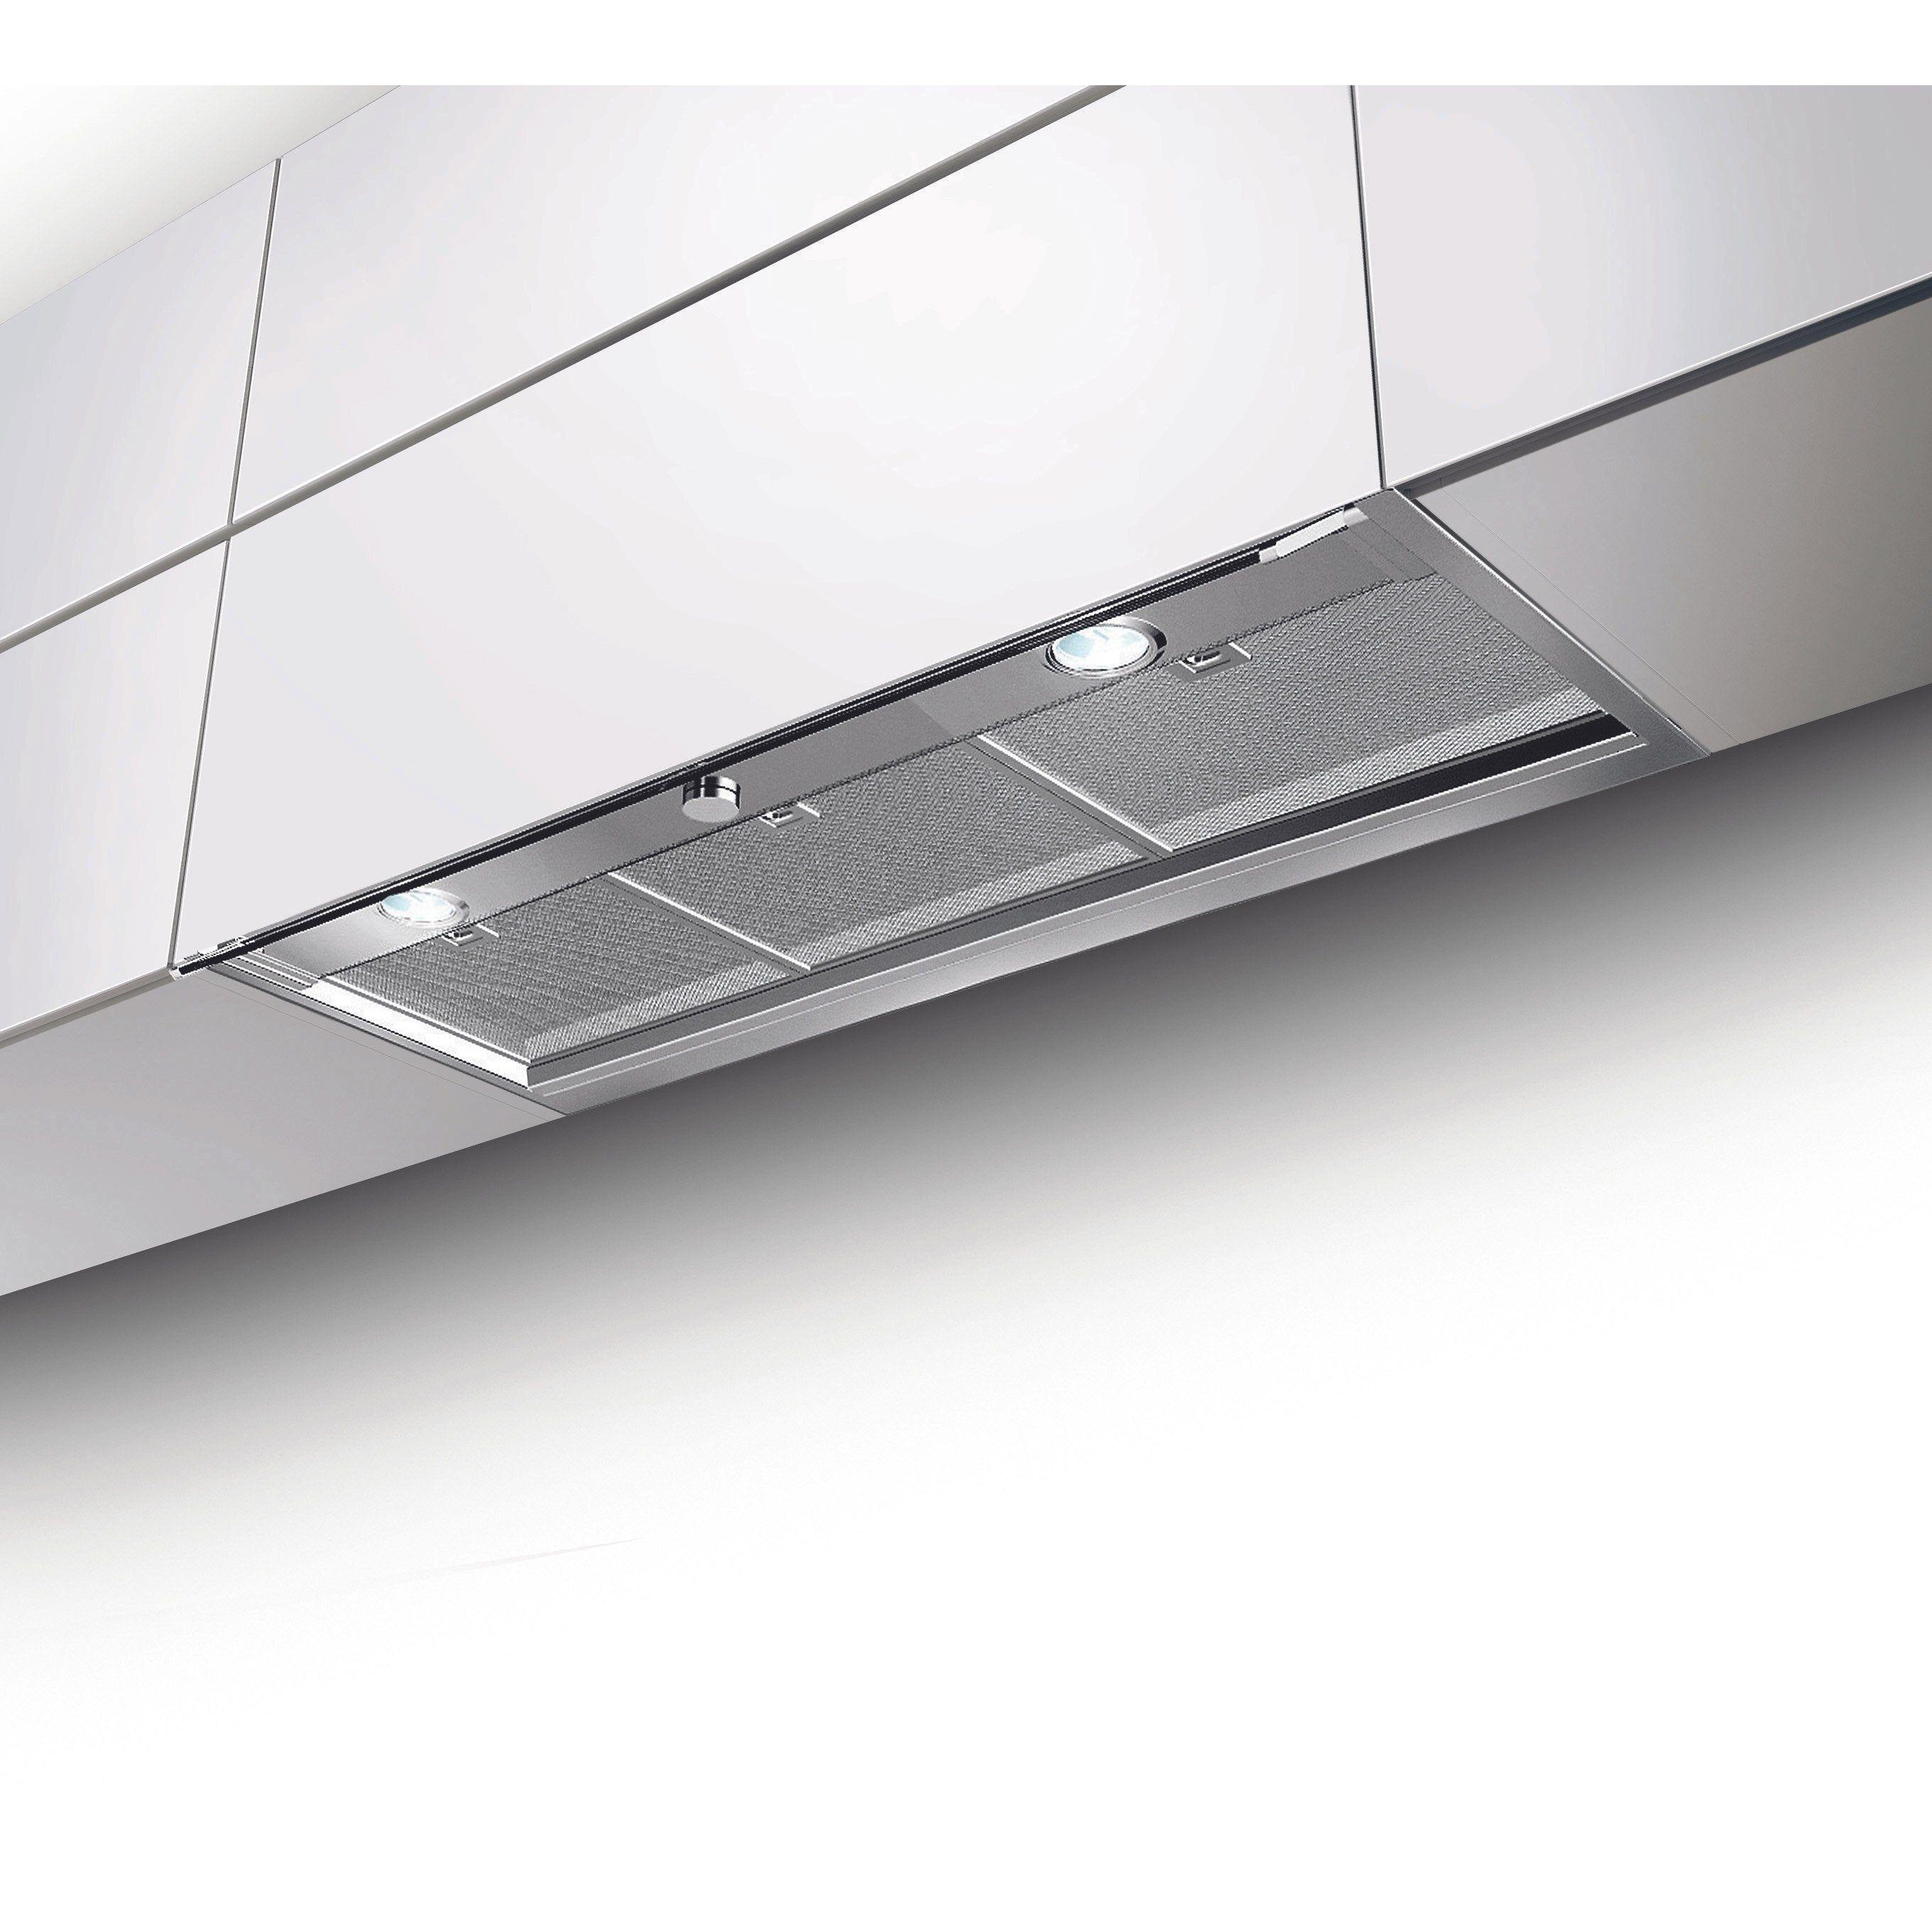 Hotte Groupe Aspirant L90 Cm Faber In Nova Smart 900 Inox Groupe